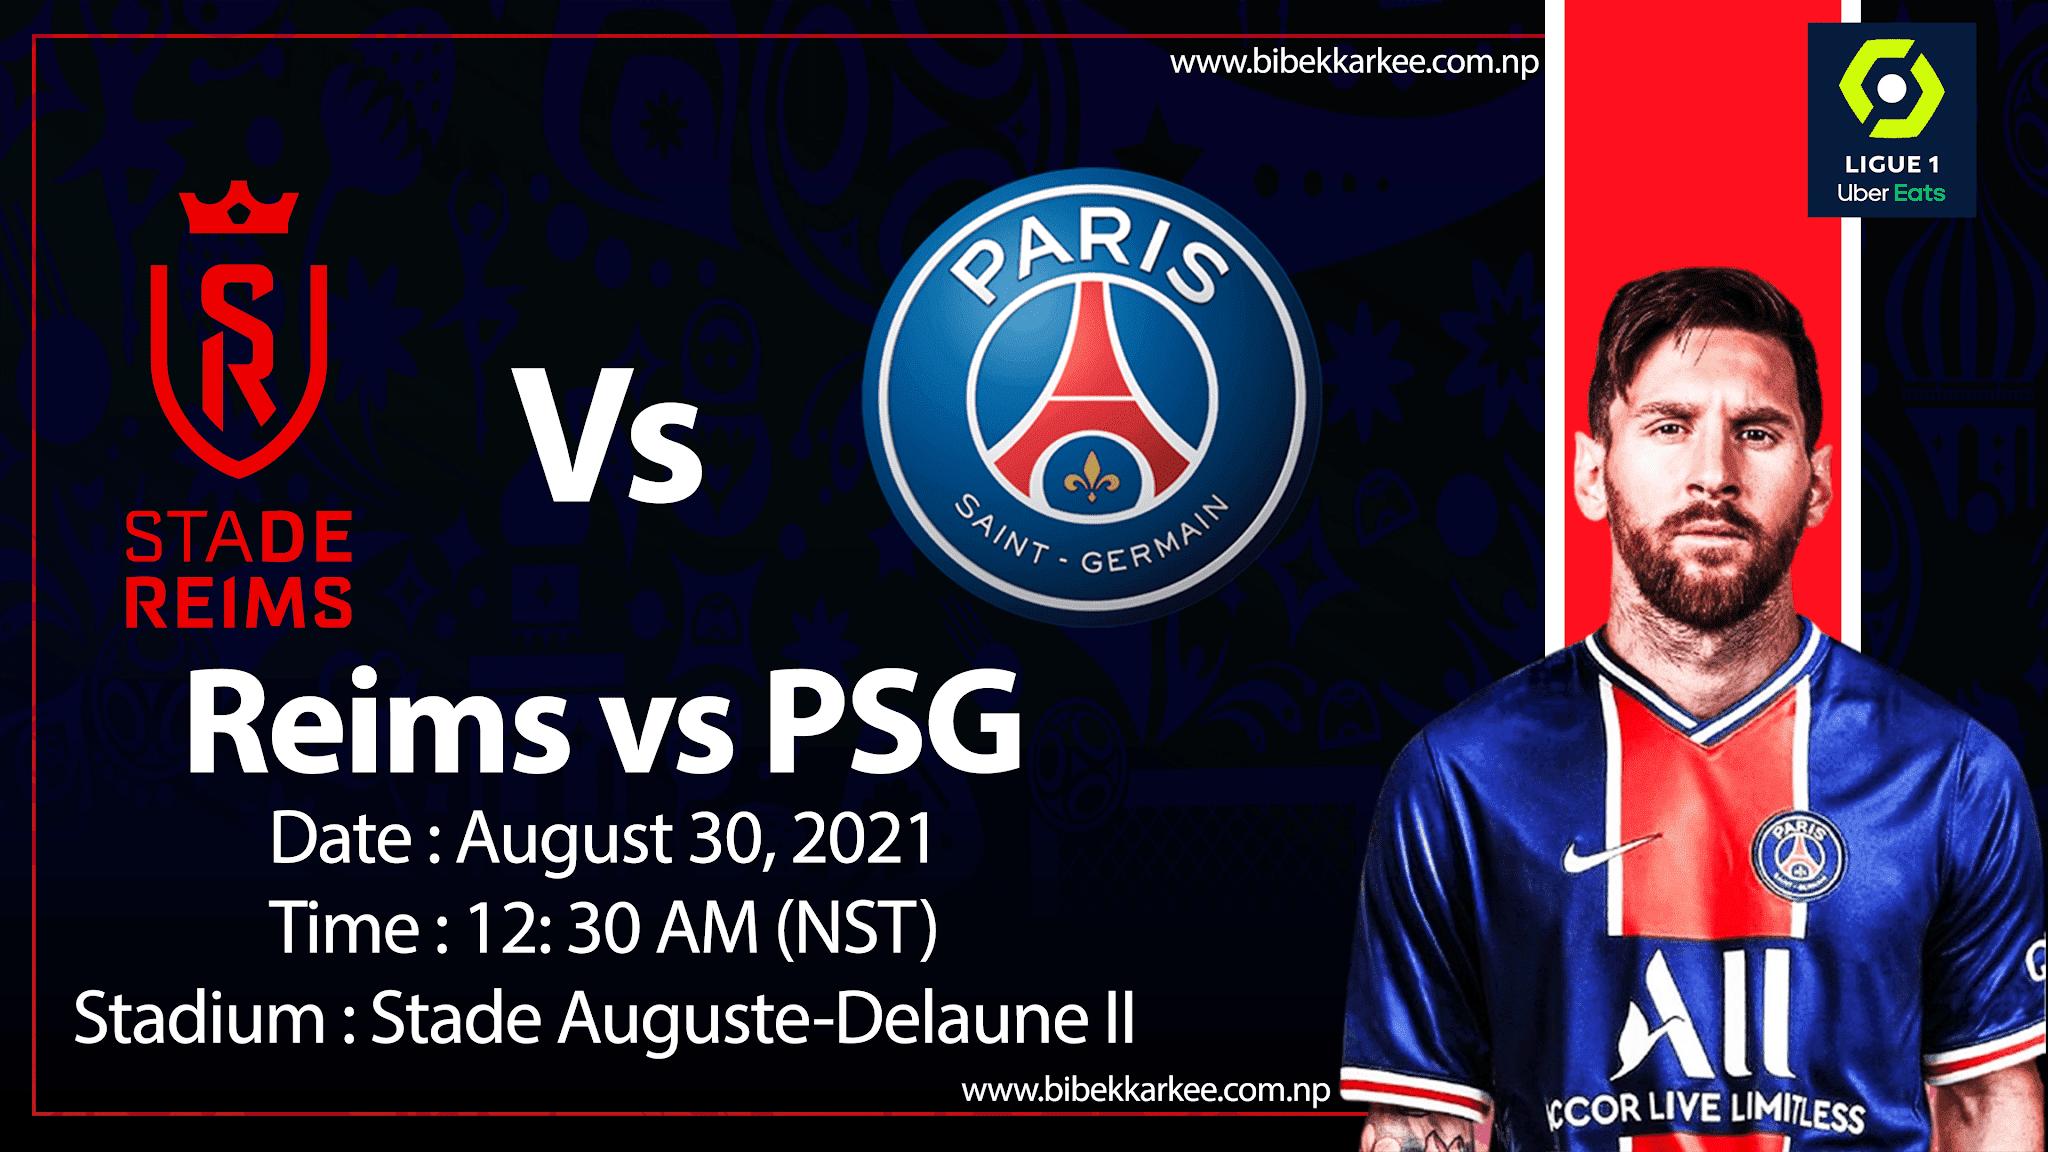 Reims vs PSG live